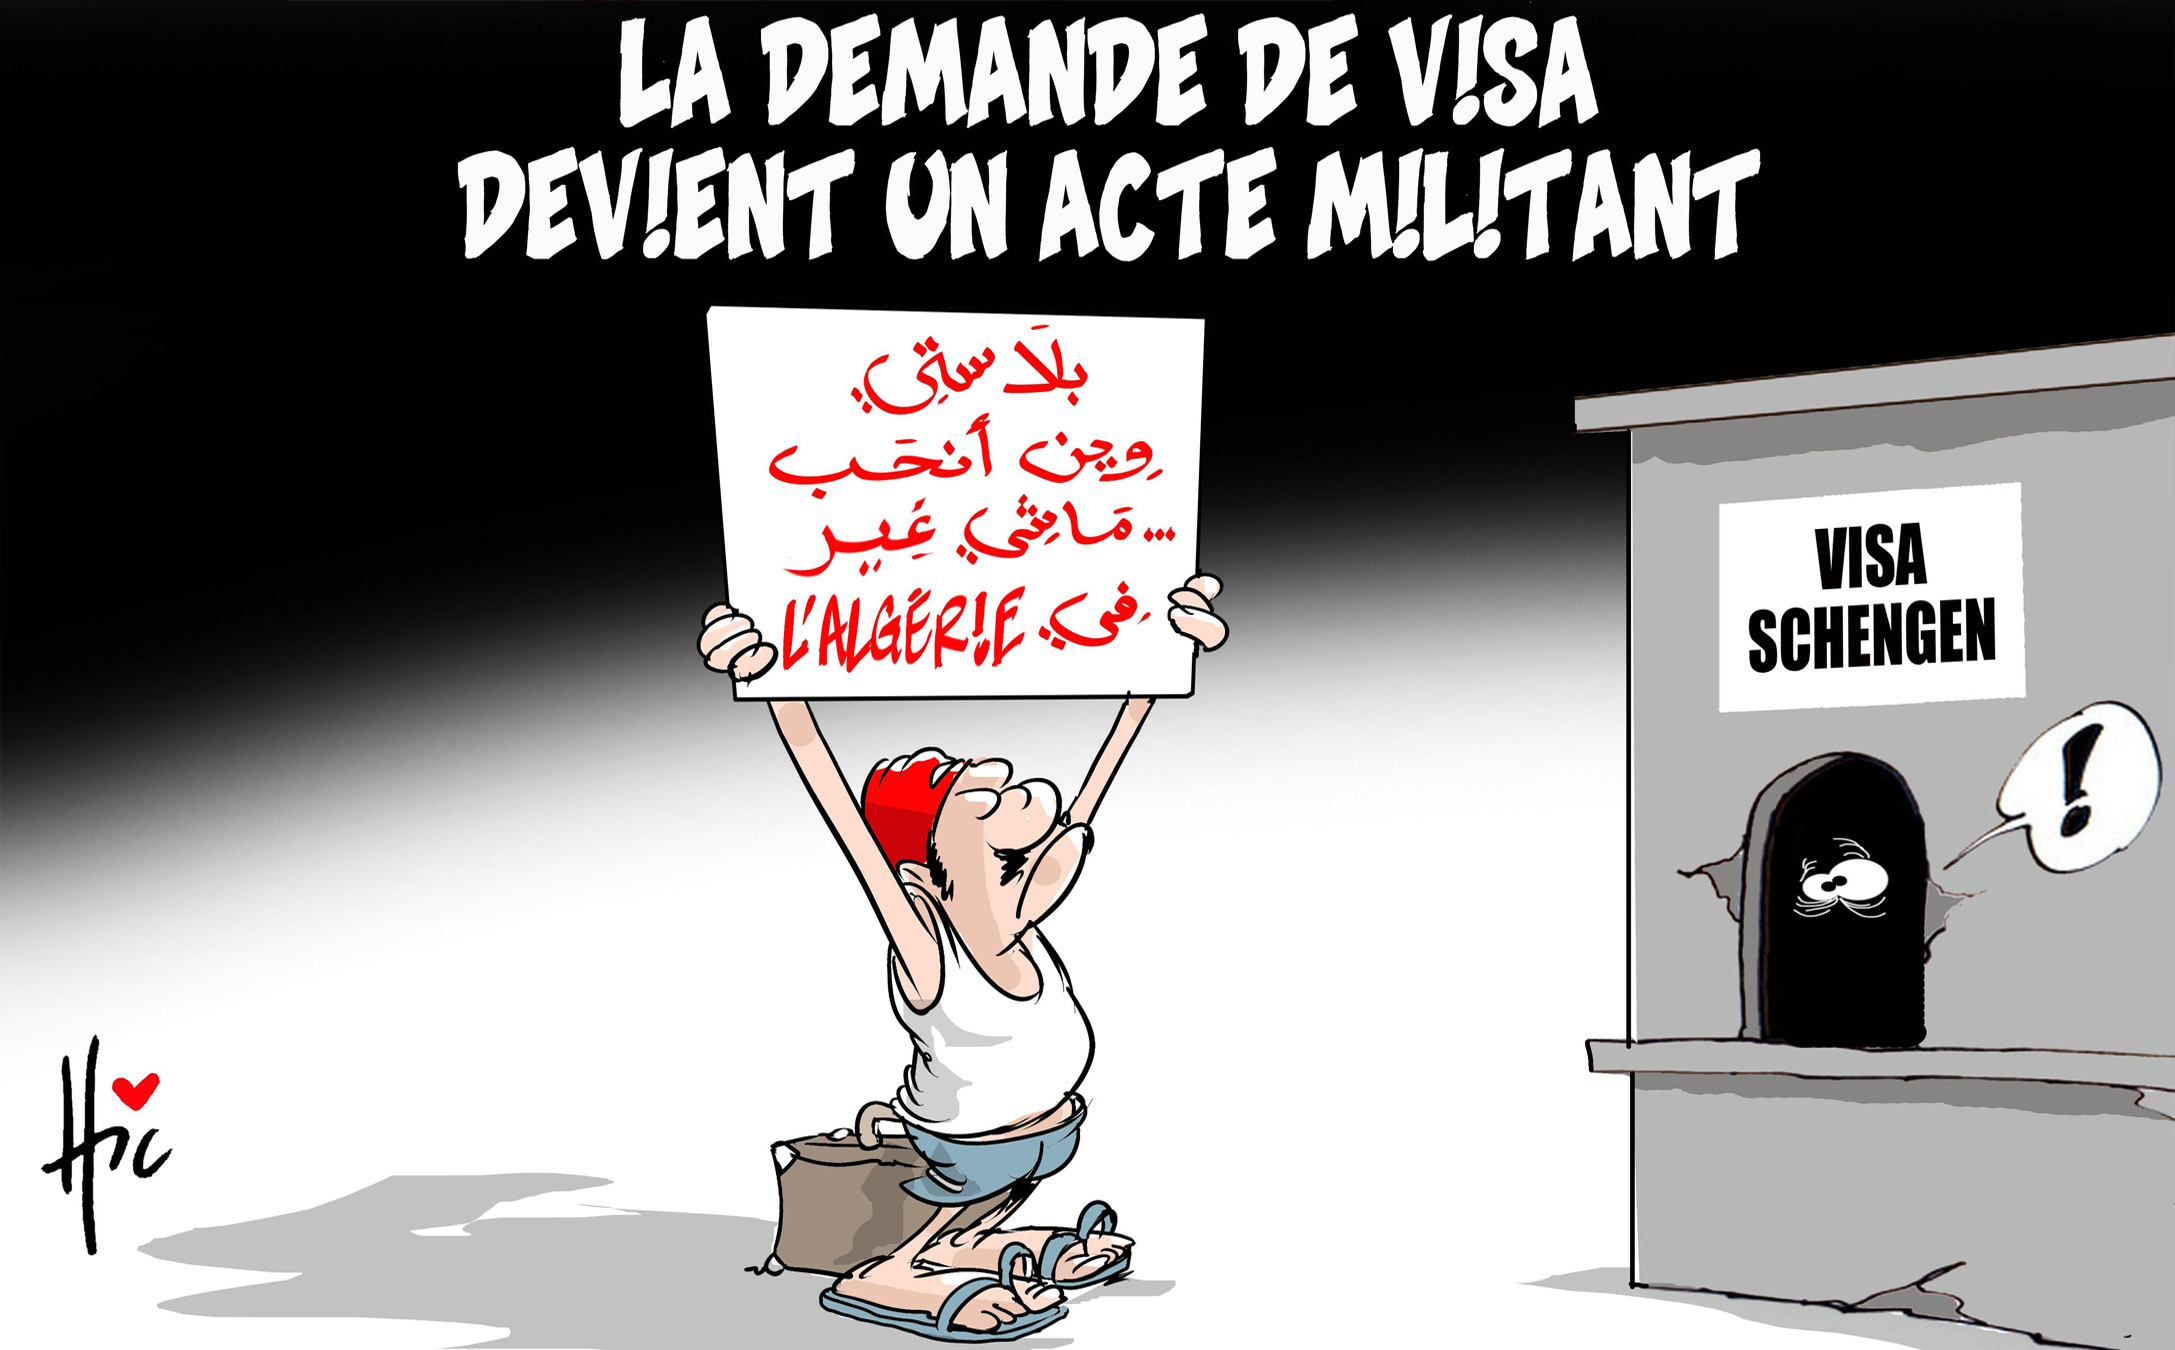 La demande de visa devient un acte militant - Dessins et Caricatures, Le Hic - El Watan - Gagdz.com